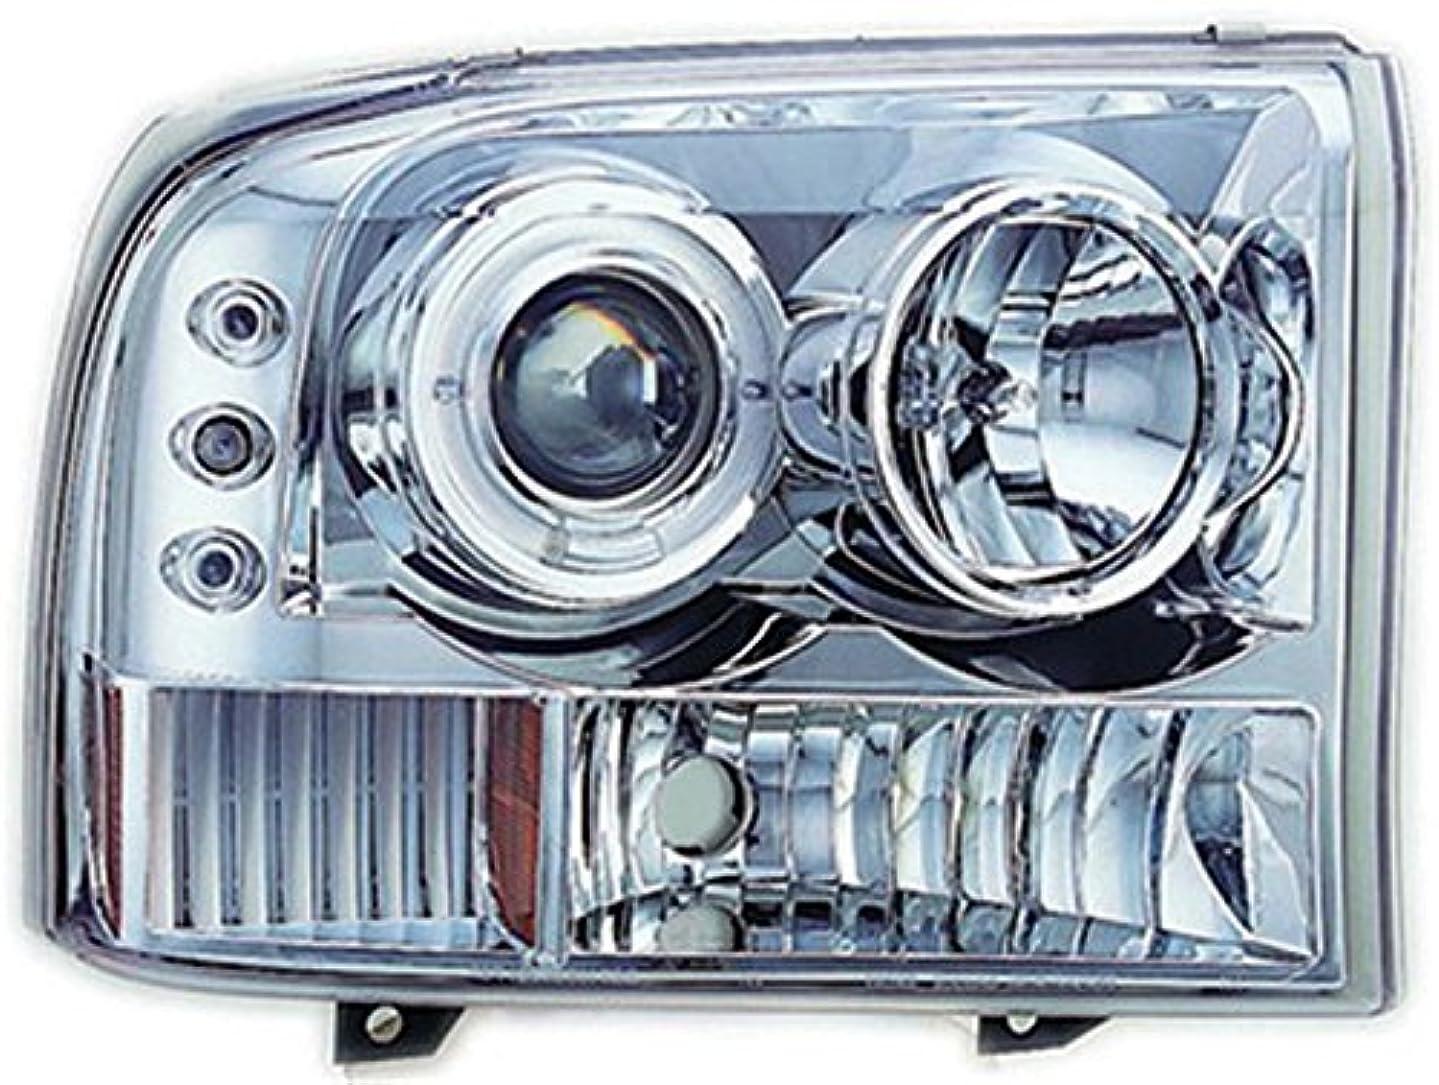 ジャンプある不注意IPCW CWS-500C2 Ford Excursion 2000 - 2004 Head Lamps, Projector With Rings & Corners Chrome